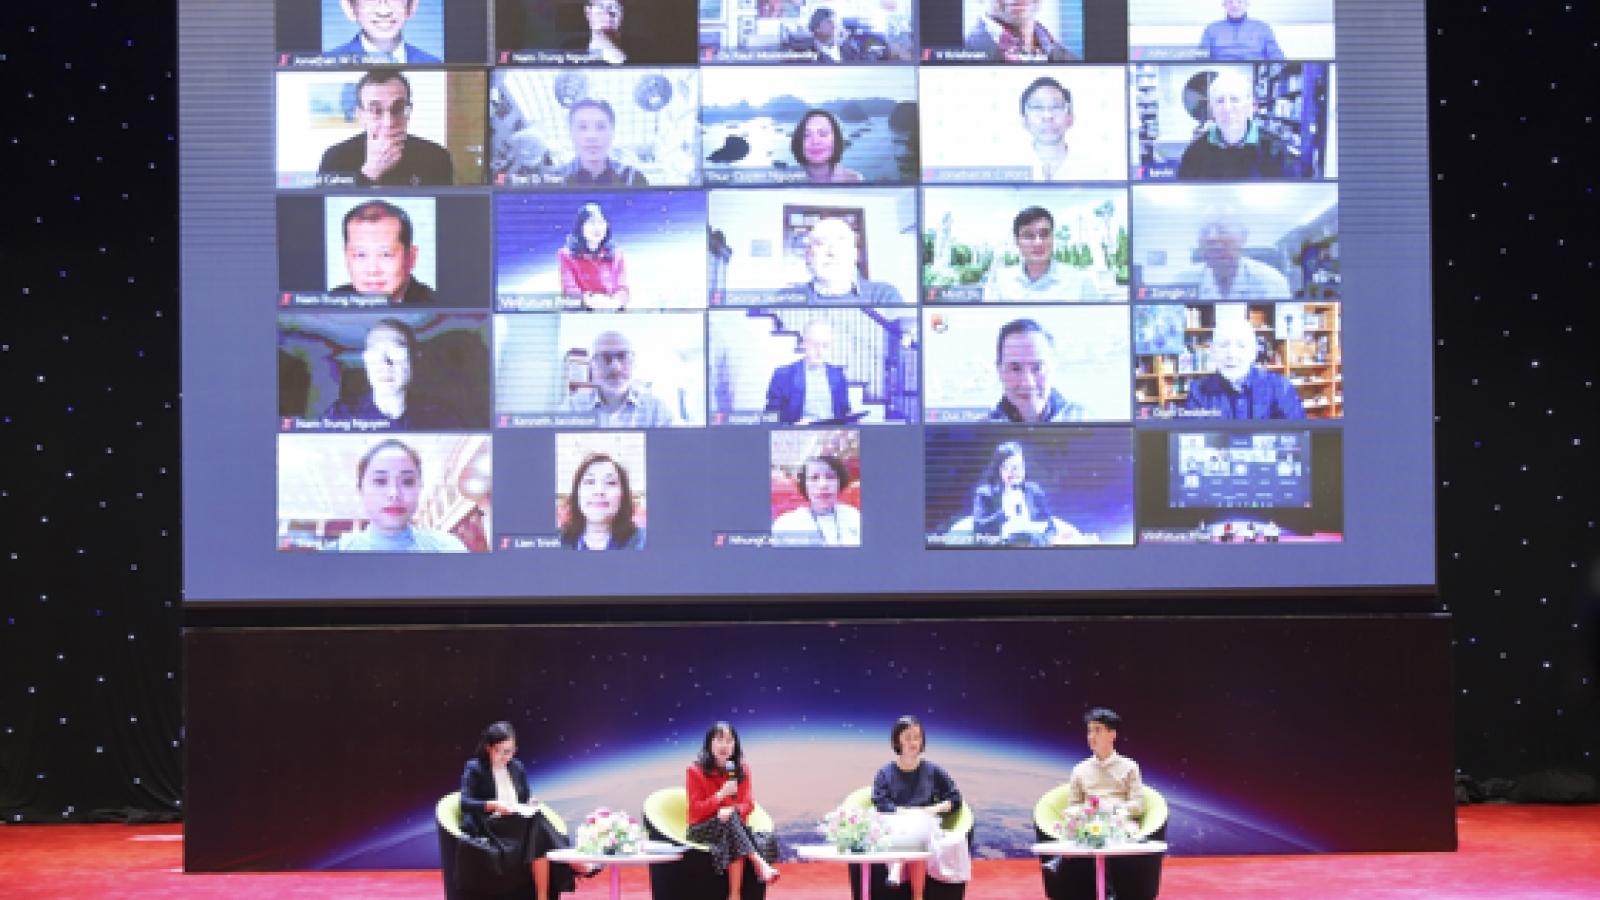 Báo khoa học quốc tế: VinFuture tôn vinh khoa học mang lại giá trị mới cho nhân